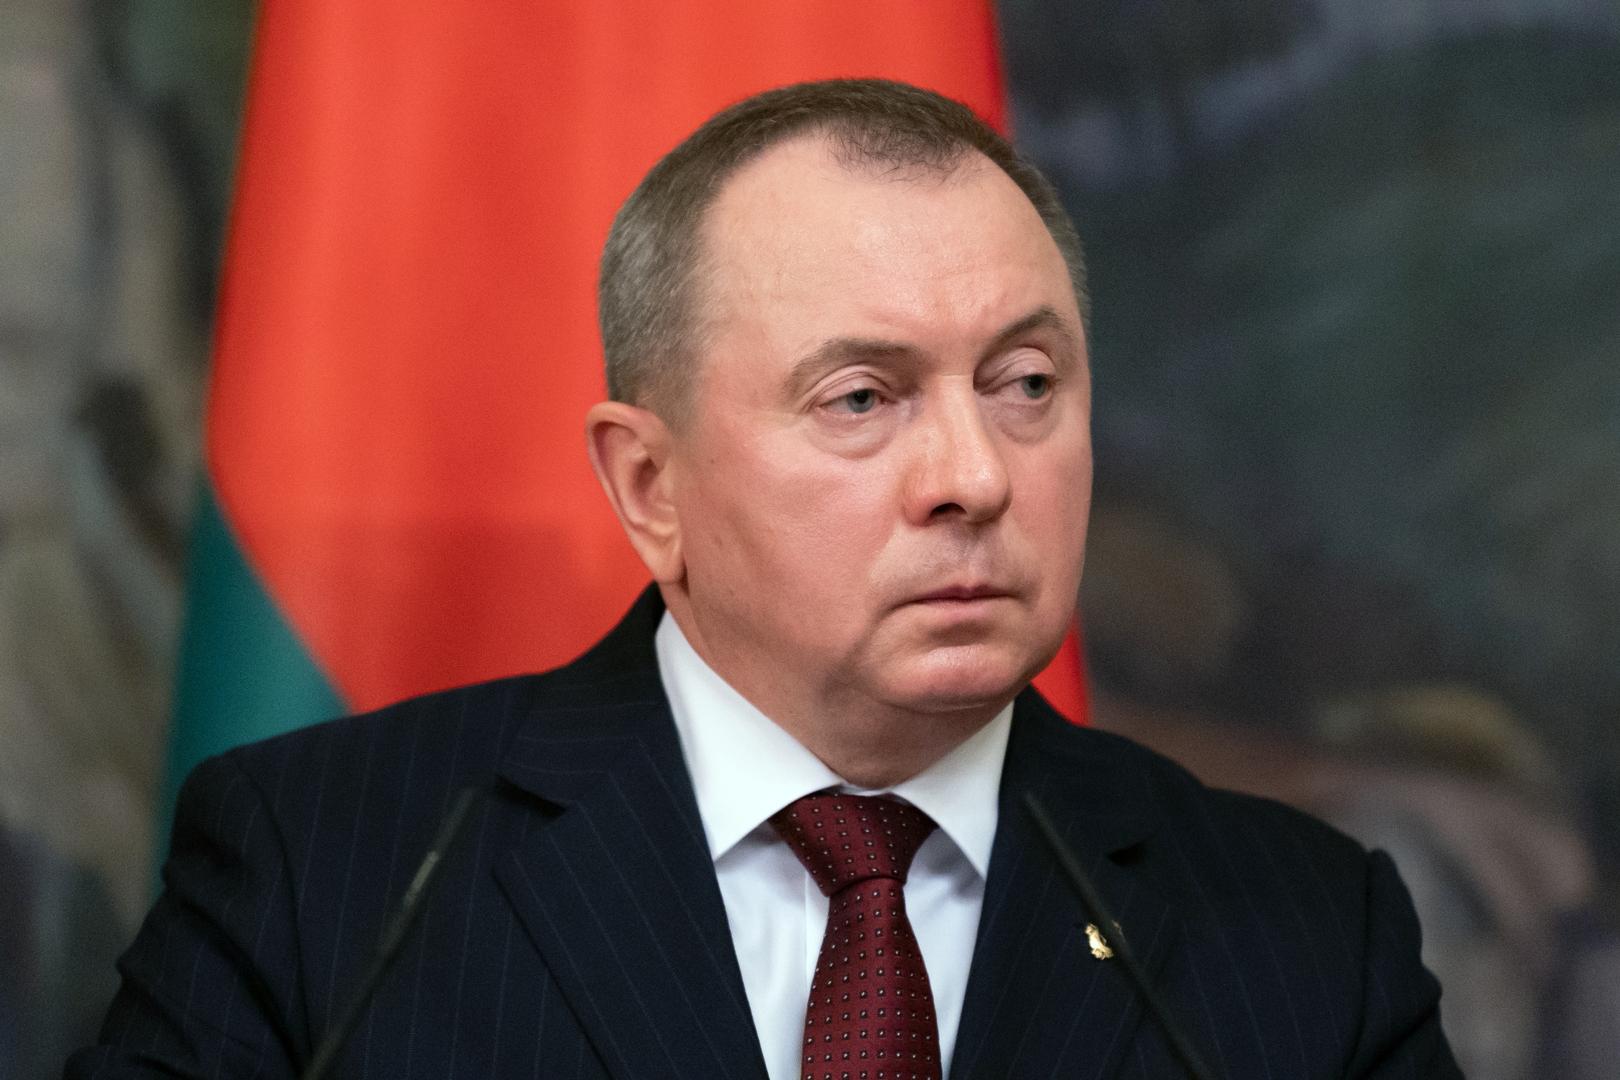 وزير خارجية بيلاروس: مينسك قد تعتمد على روسيا والصين على خلفية التحديات الجديدة